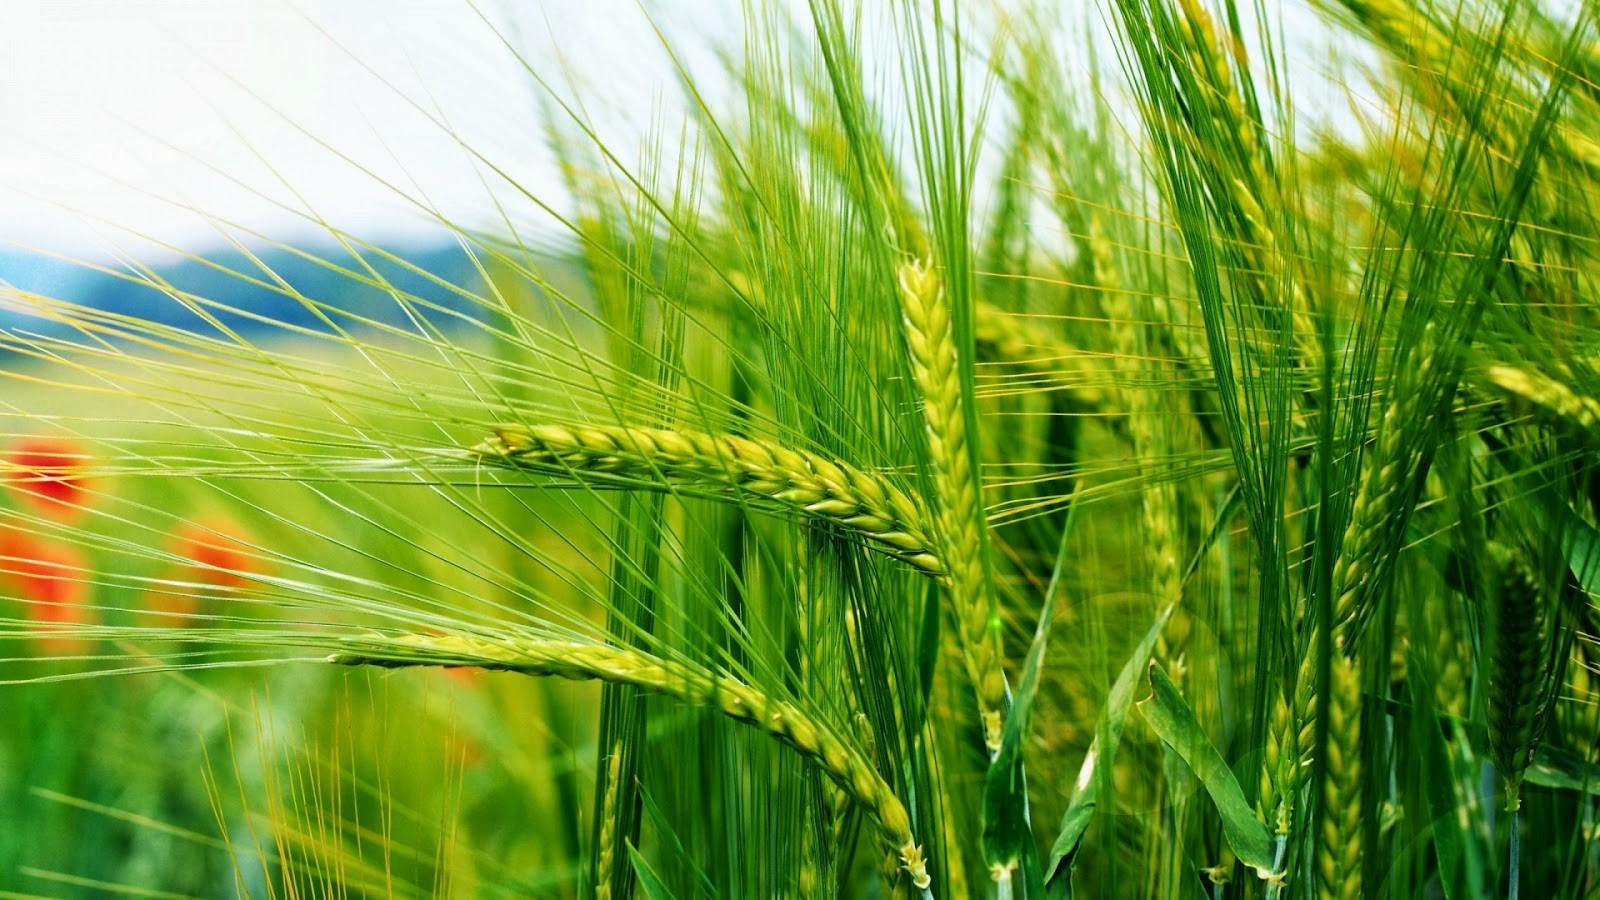 nature wallpaper full hd,plant,barley,hordeum,food grain,triticale